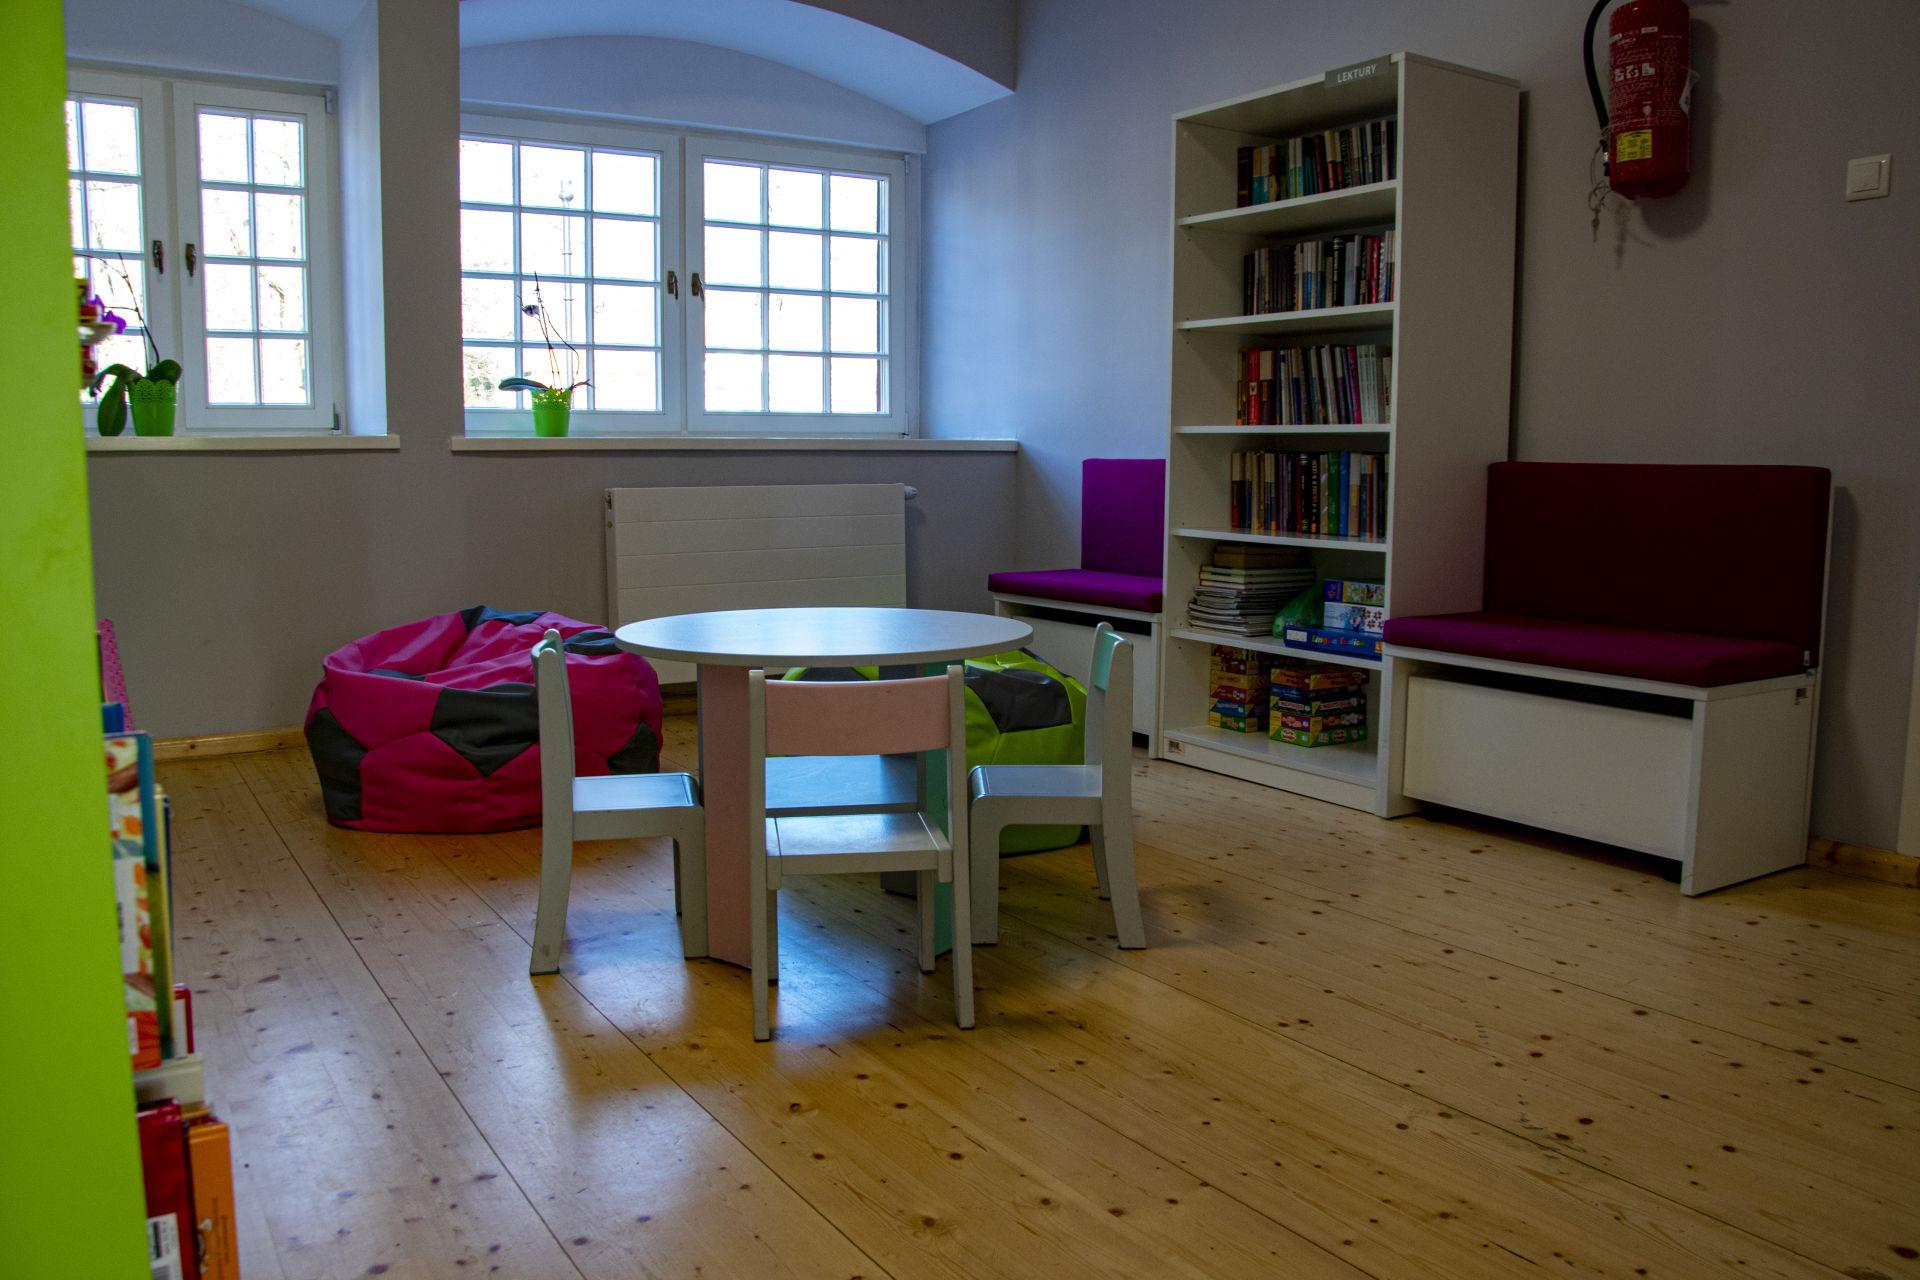 Na środku pokoju stolik z krzesełkami, obok dwie pufu w kształcie piłek na przeciwko stolika regał z książkami, obok ławeczka